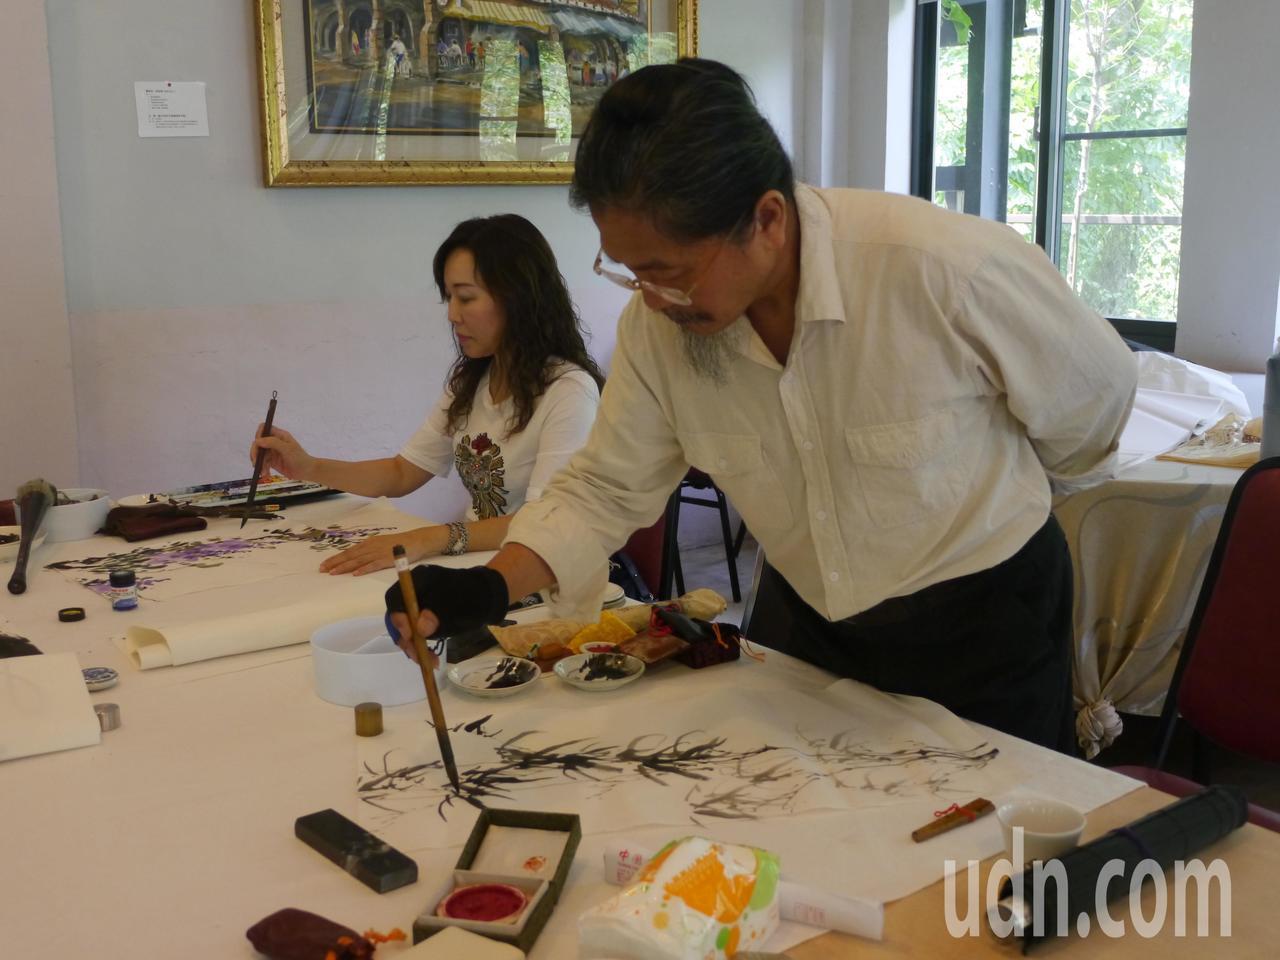 高市南海書畫學會風格多元,成員當眾作畫。記者徐白櫻/攝影